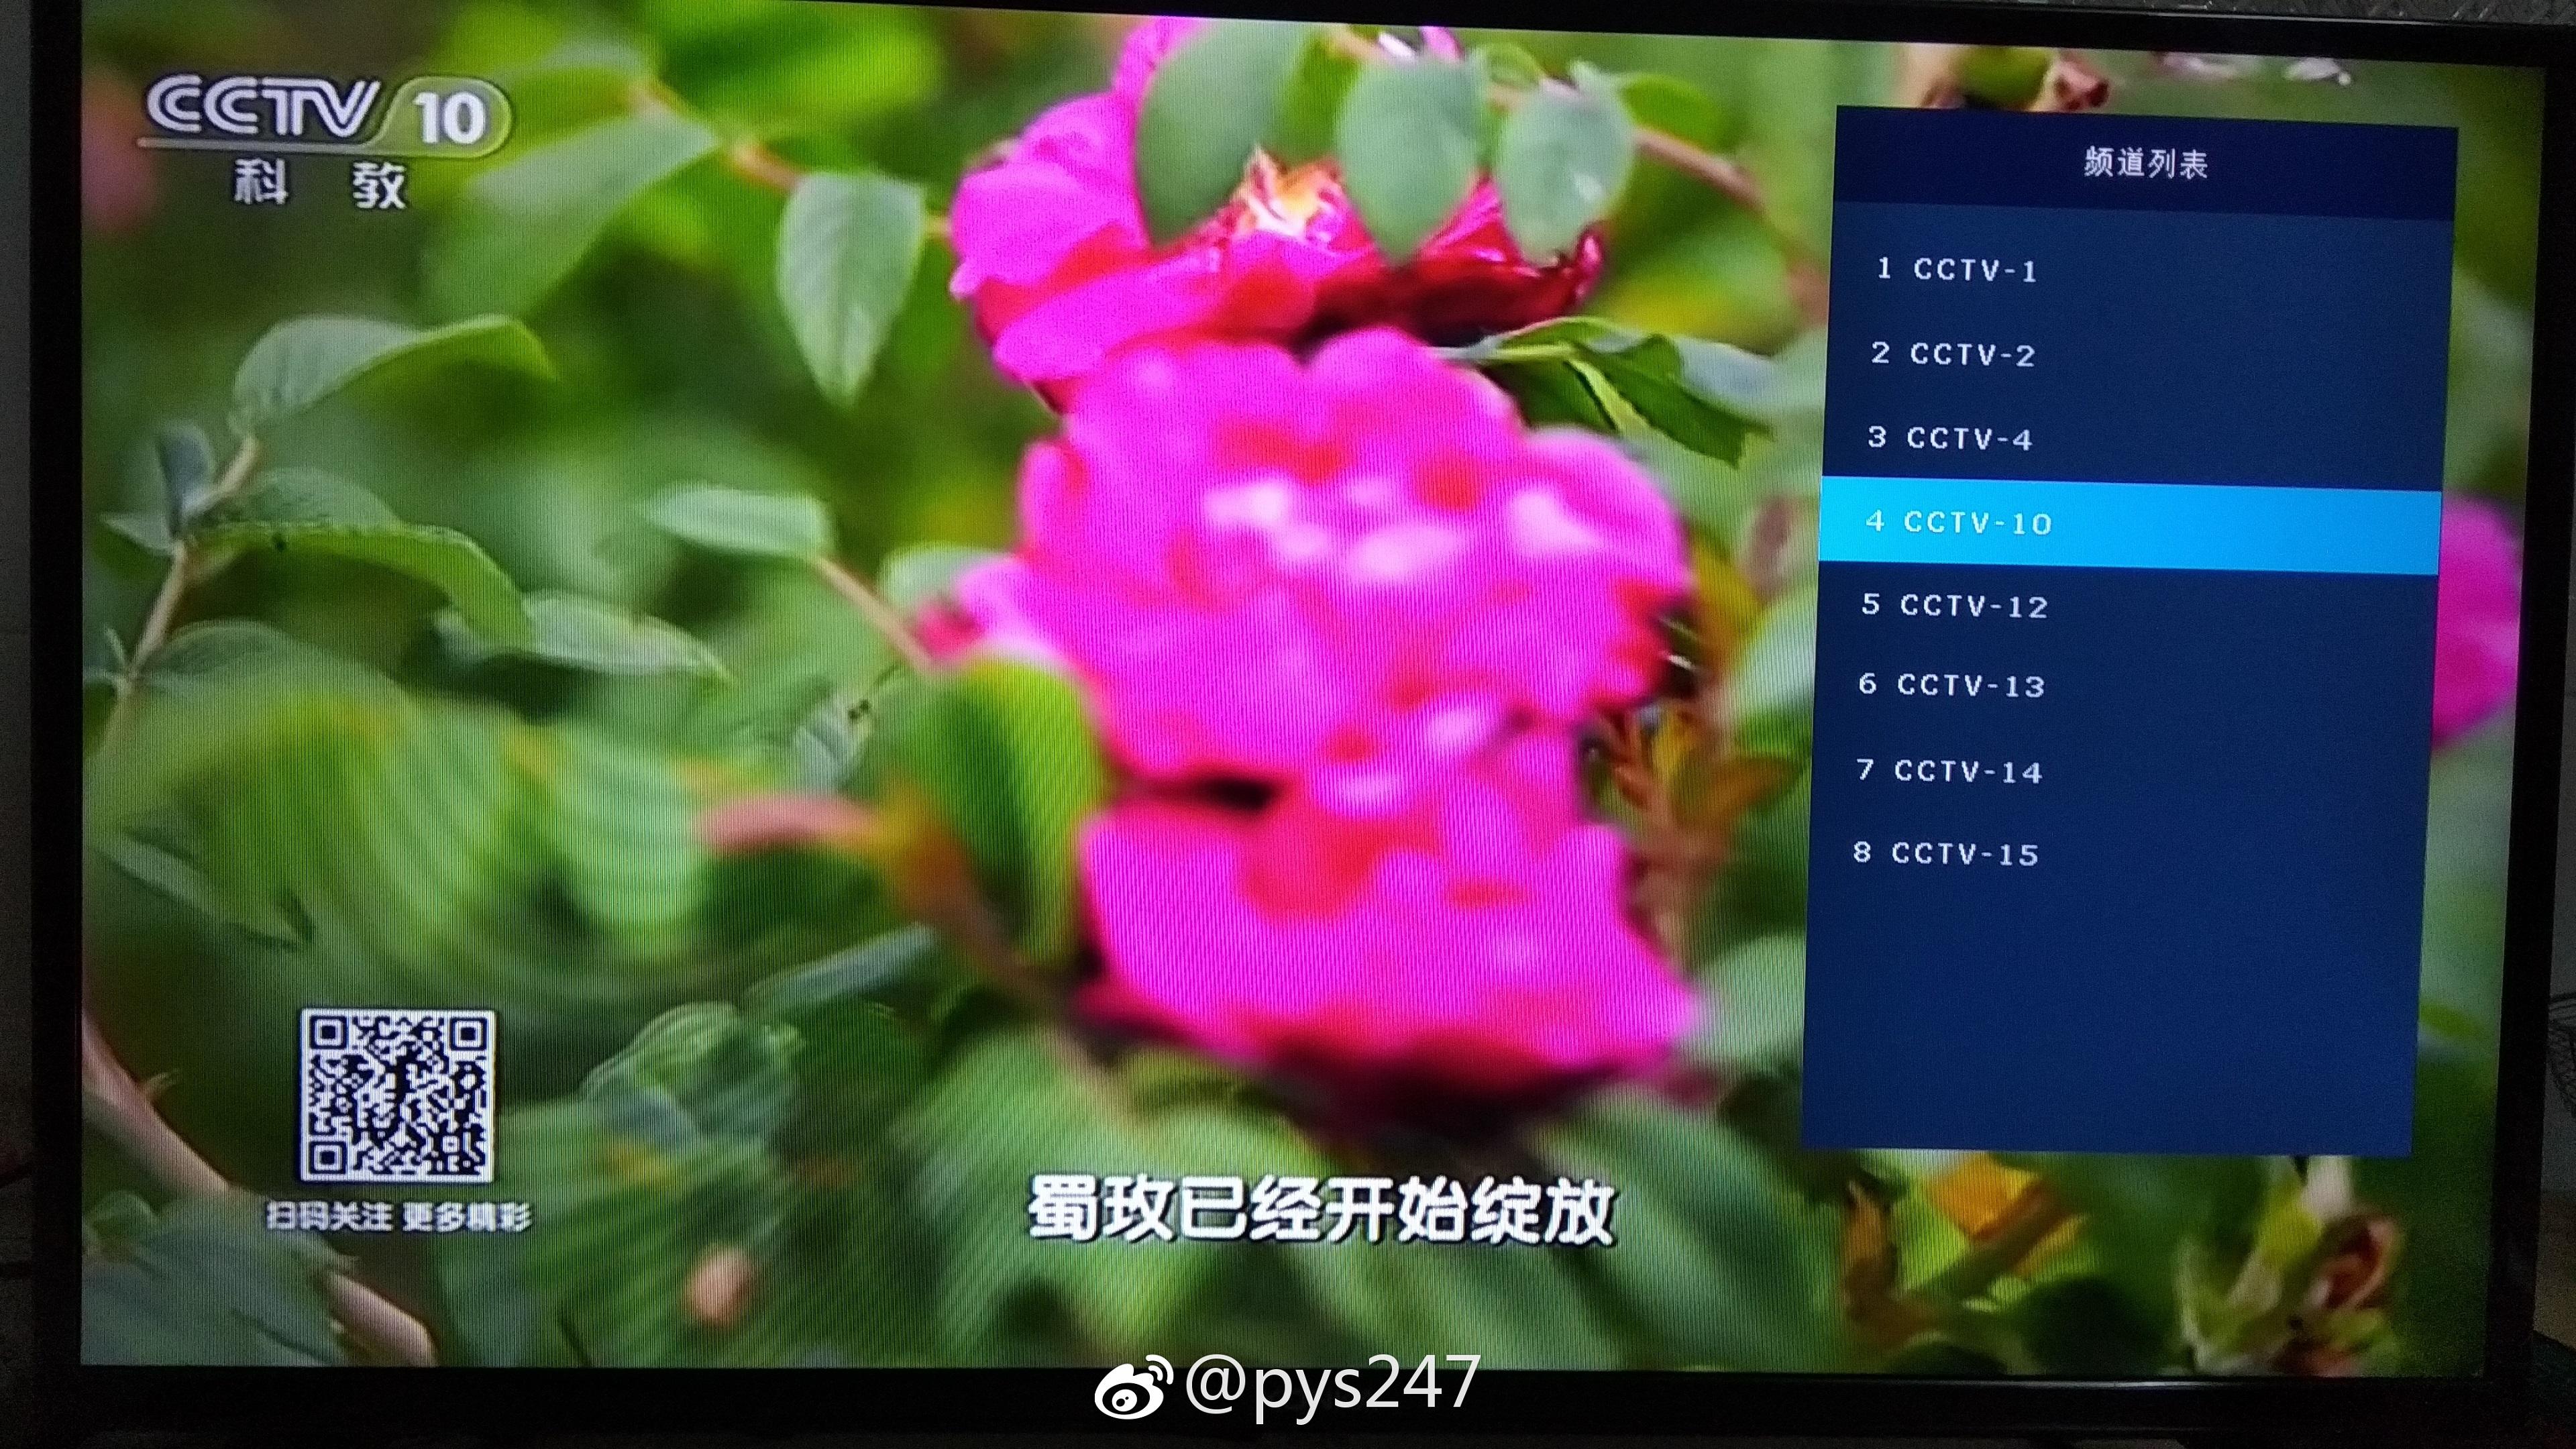 DTMB 754MHz CCTV-10